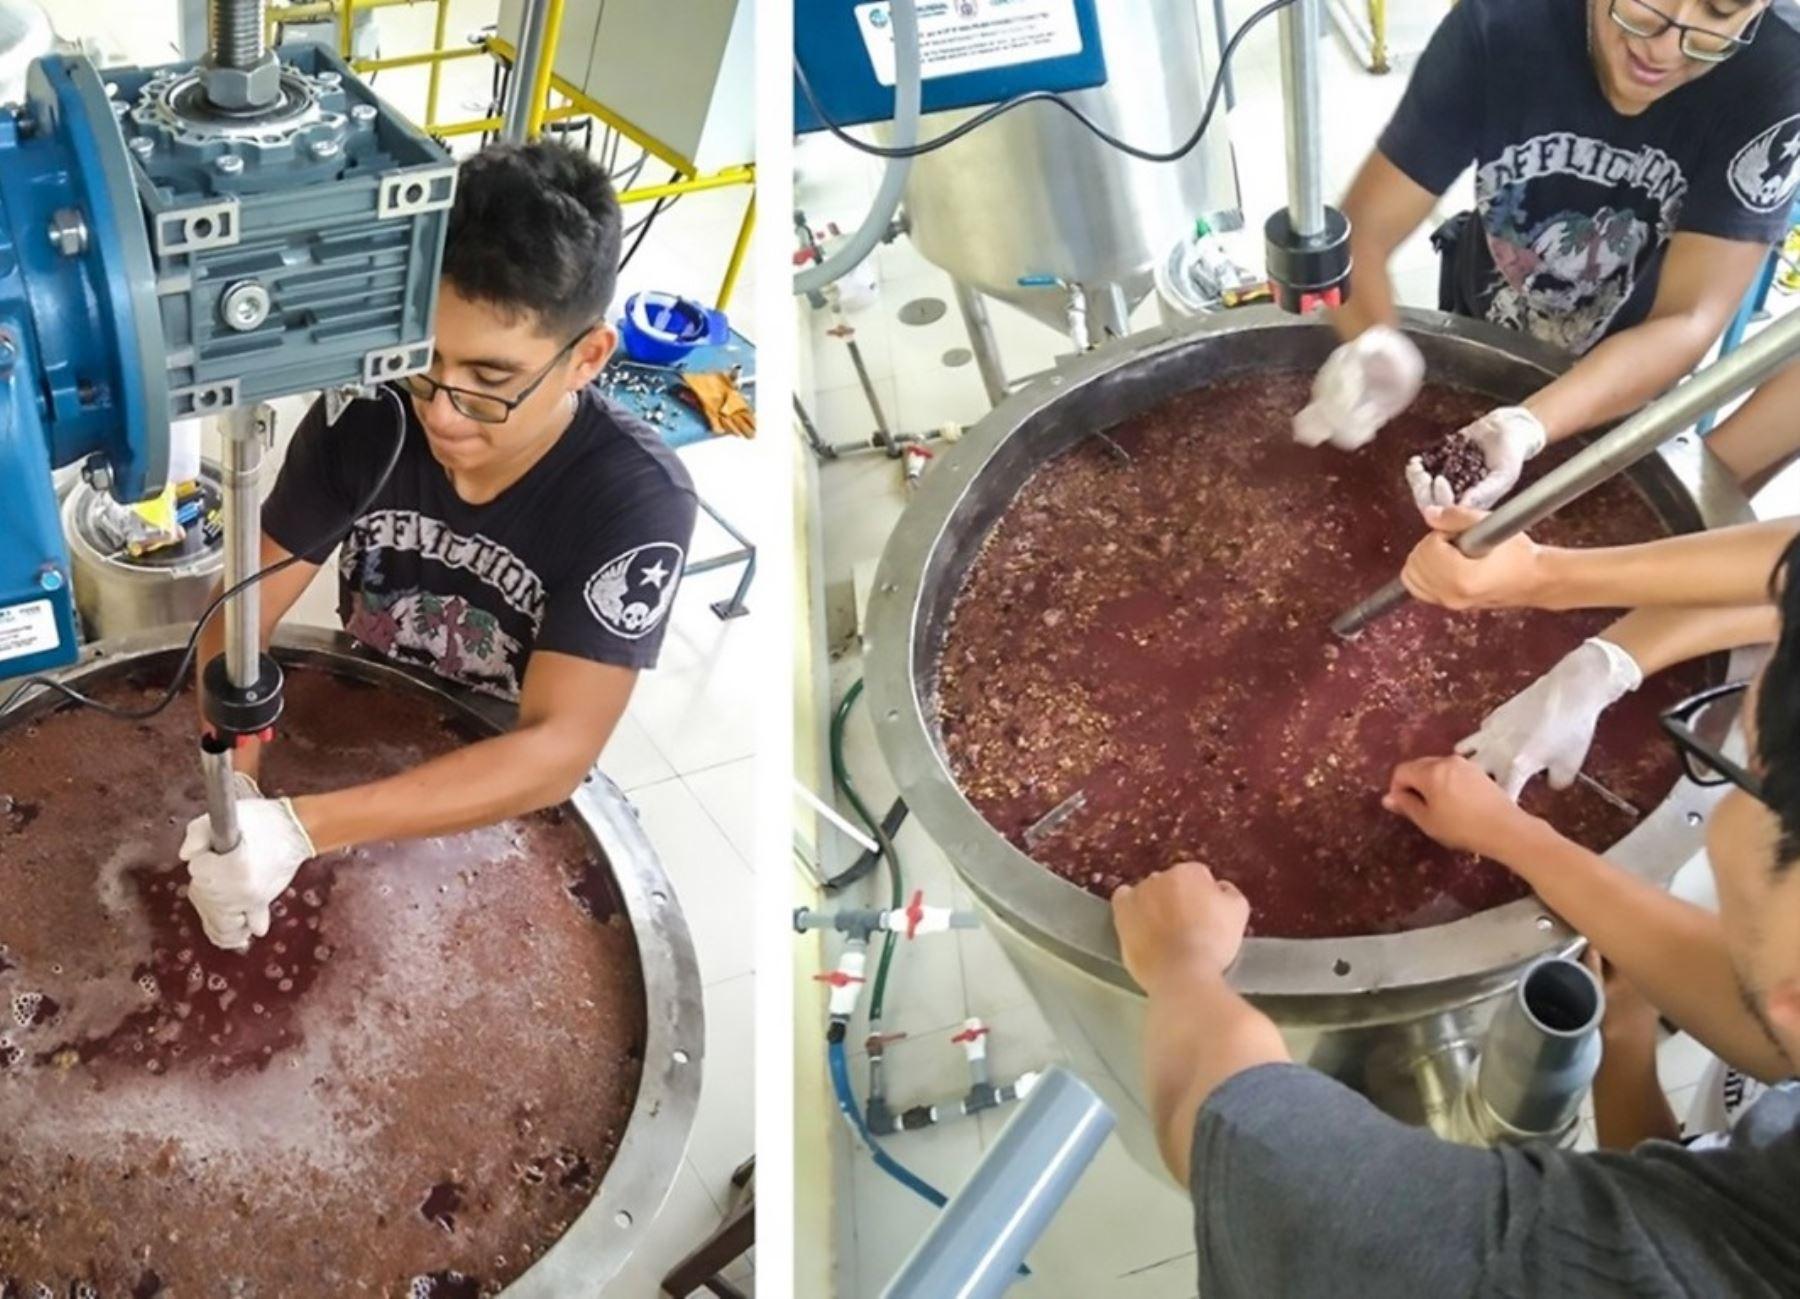 Investigadores de la UNI desarrollan un estudio que busca optimizar la producción de pisco, nuestra bebida bandera, con desechos de la uva. ANDINA/Difusión